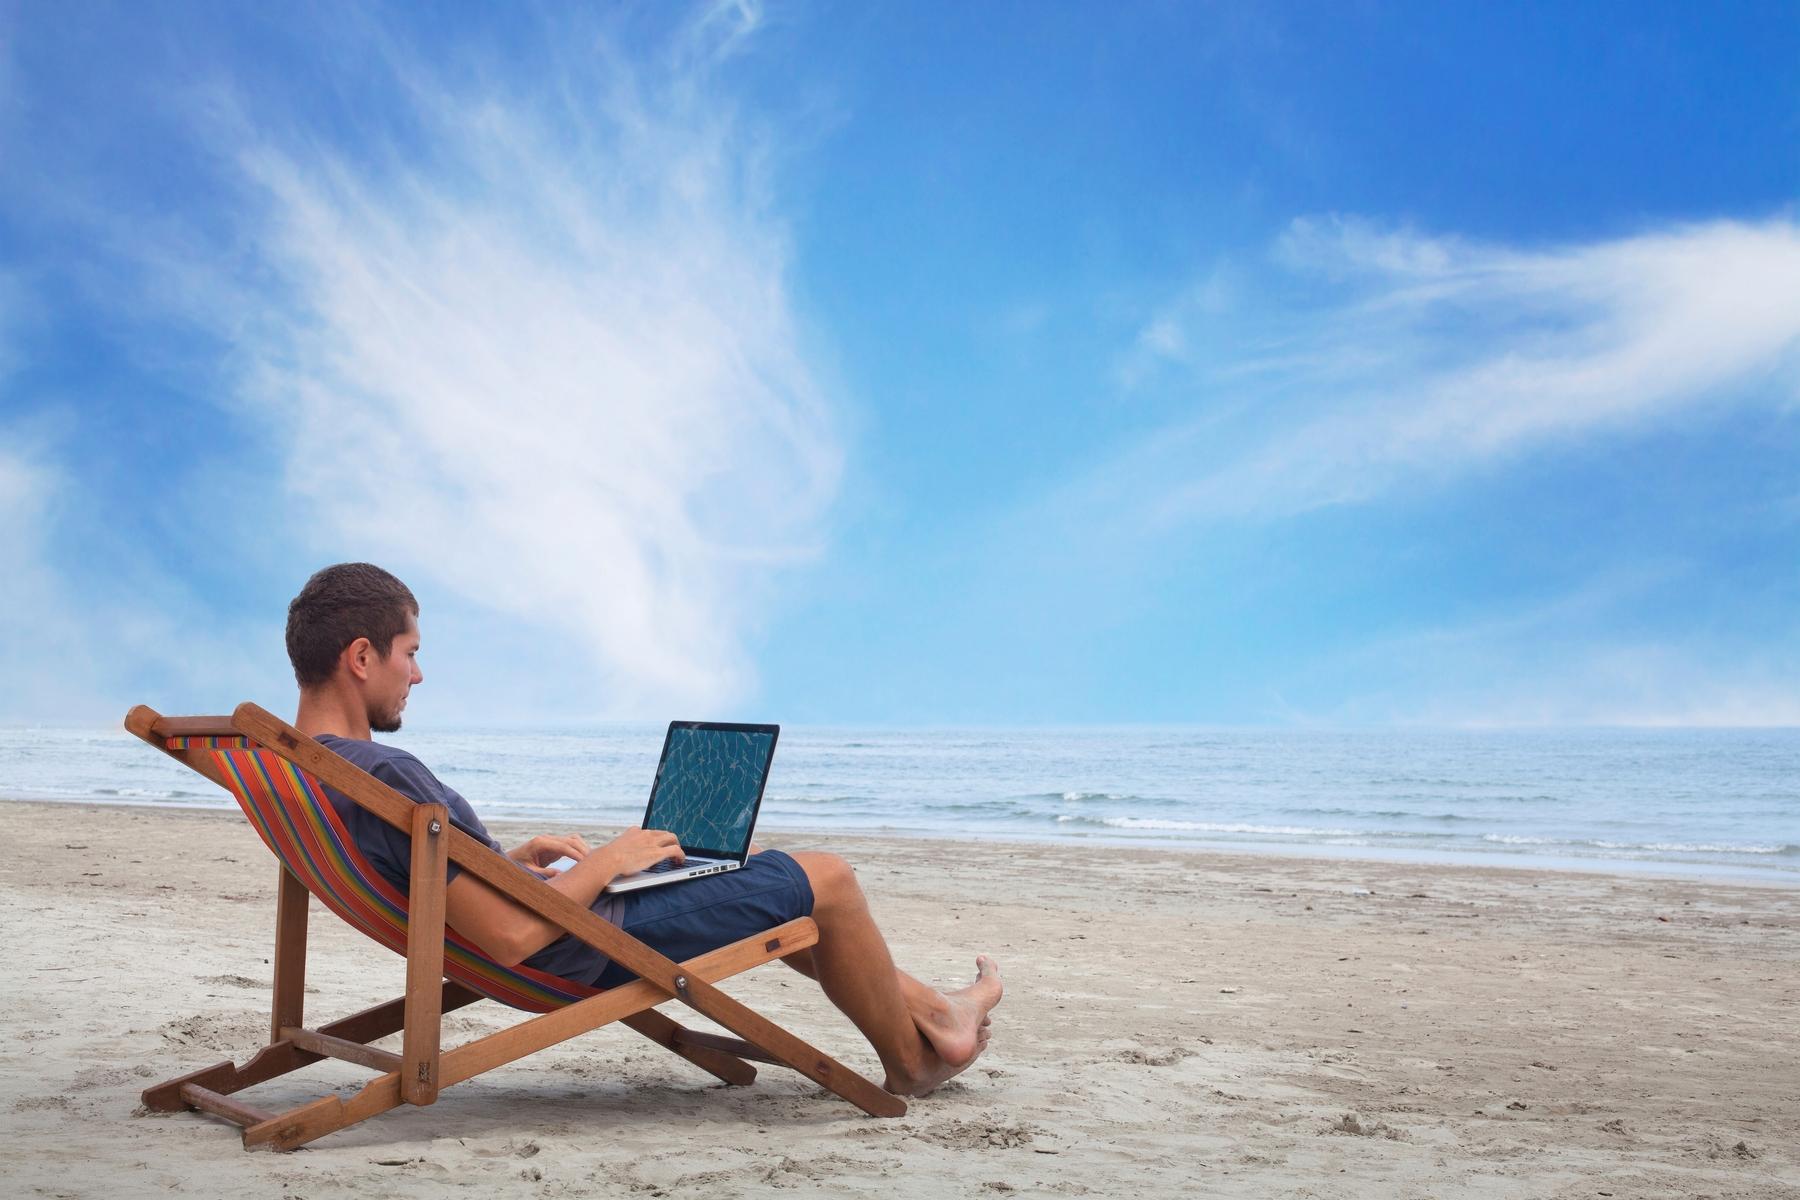 Молодой человек работает за ноутбуком на пляже